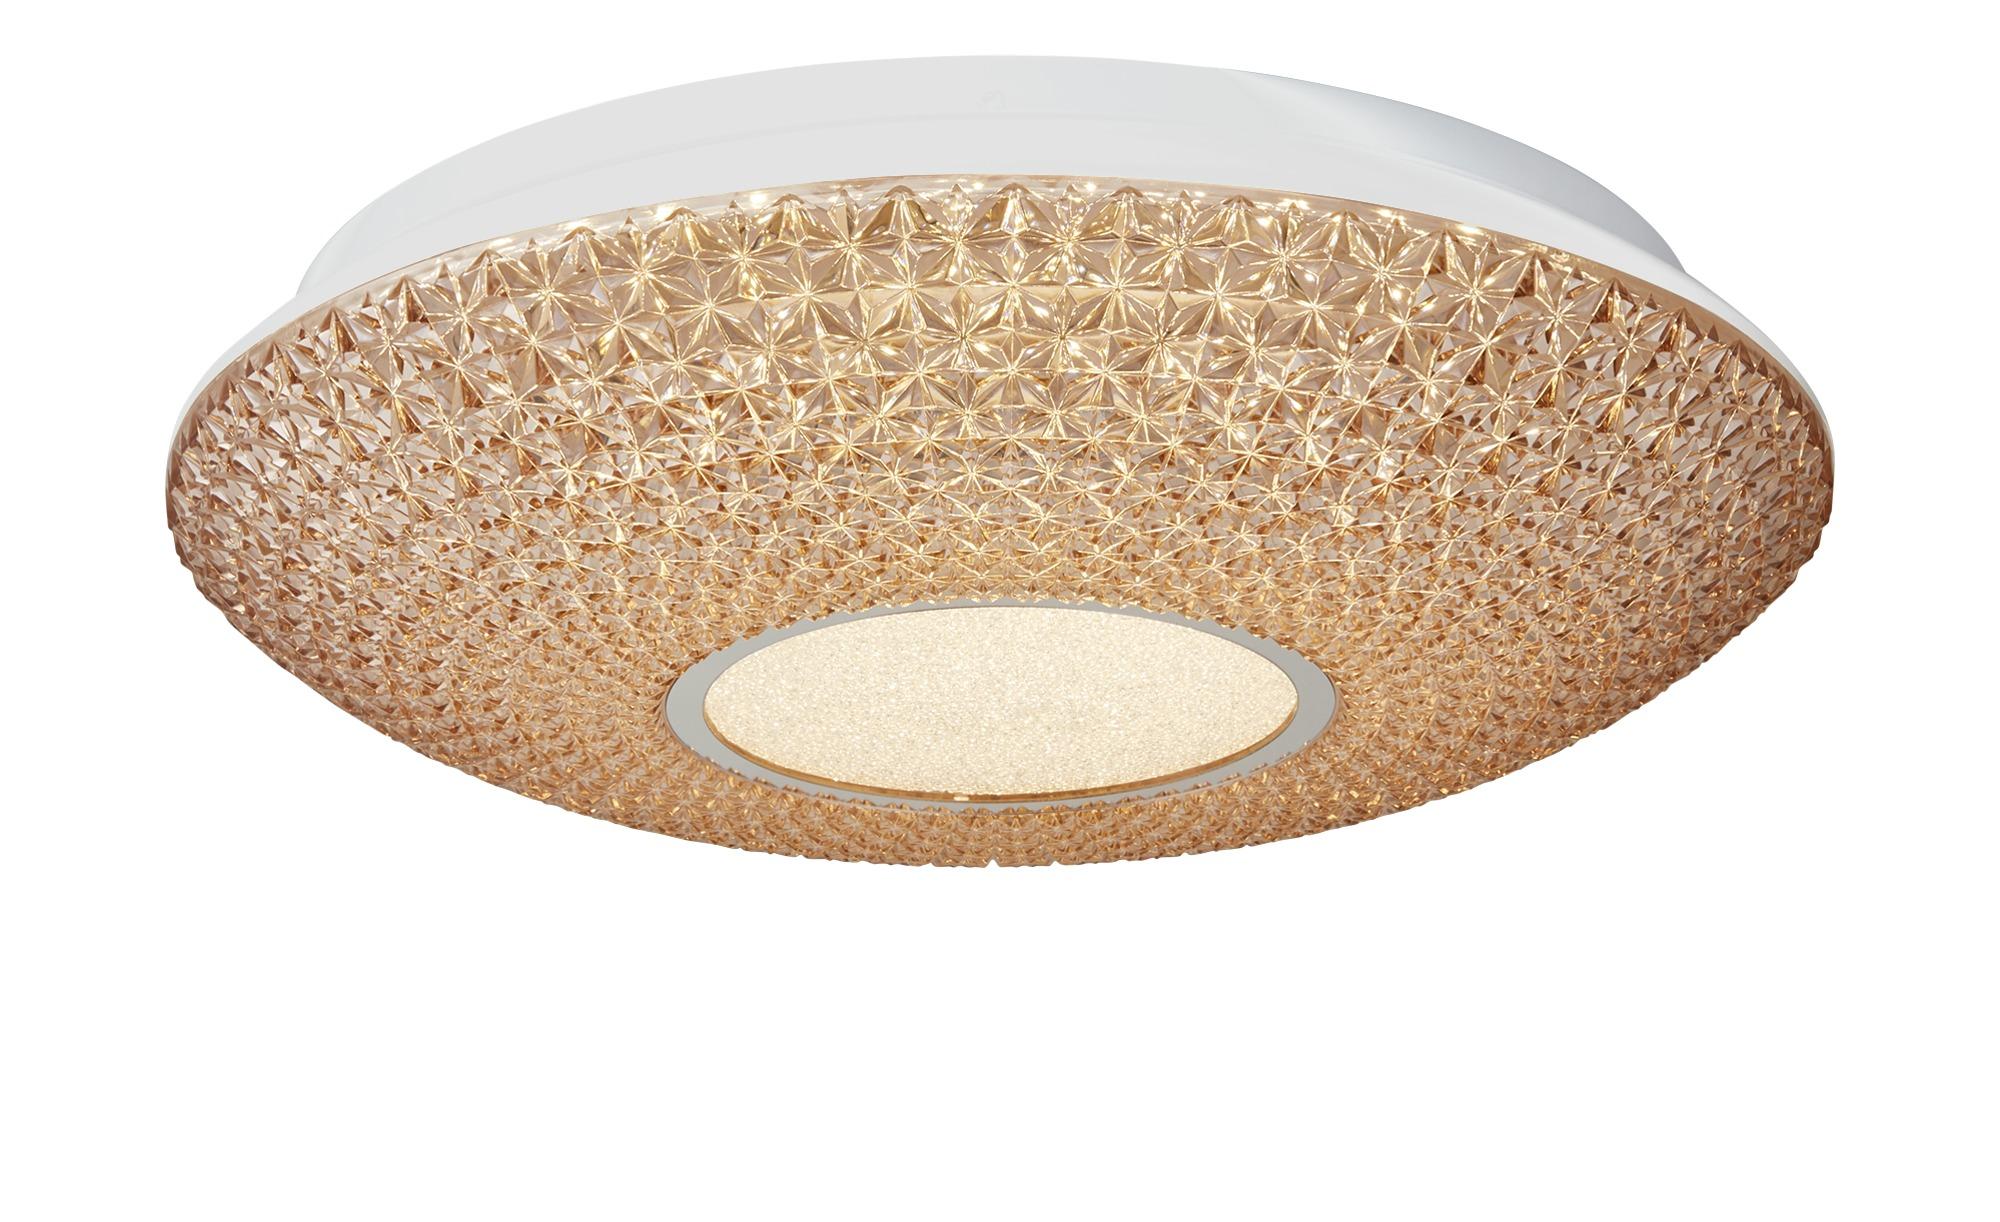 KHG LED-Deckenleuchte, Acryl in Kristalloptik ¦ creme ¦ Maße (cm): H: 10 Ø: 41 Lampen & Leuchten > Innenleuchten > Deckenleuchten - Höffner